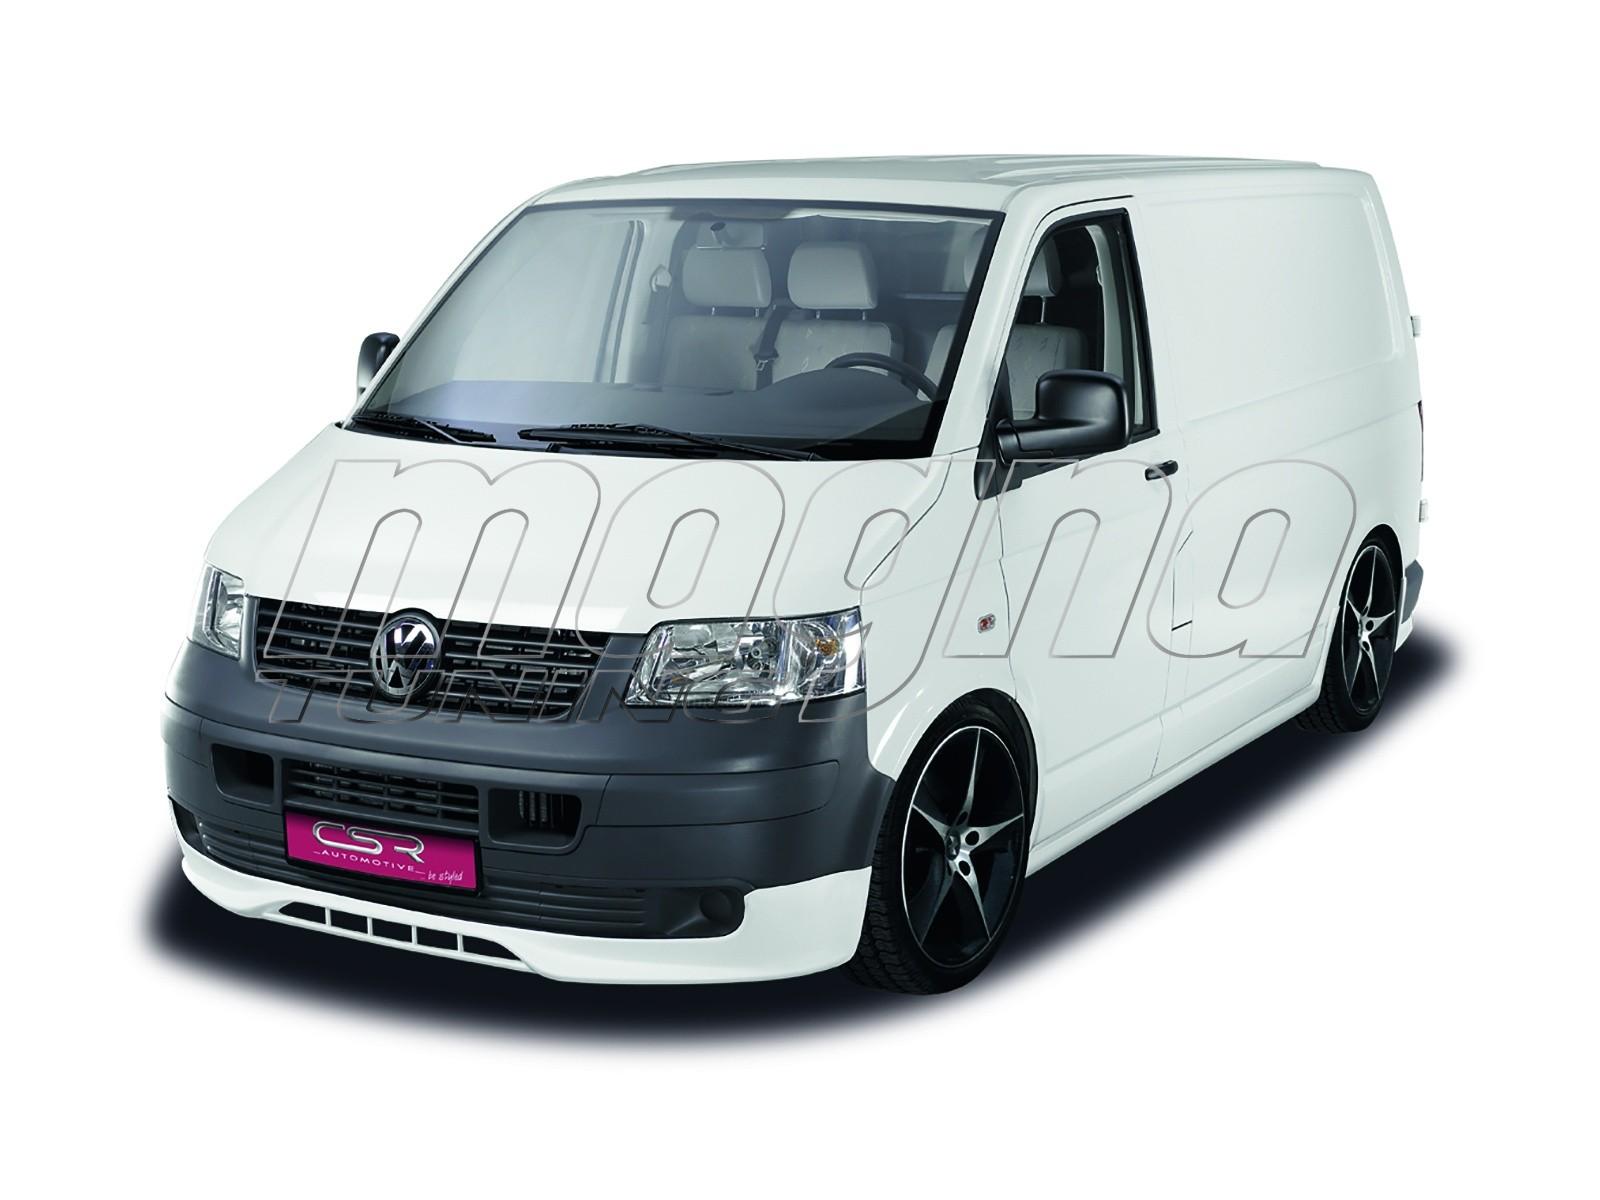 vw transporter t5 newline body kit. Black Bedroom Furniture Sets. Home Design Ideas